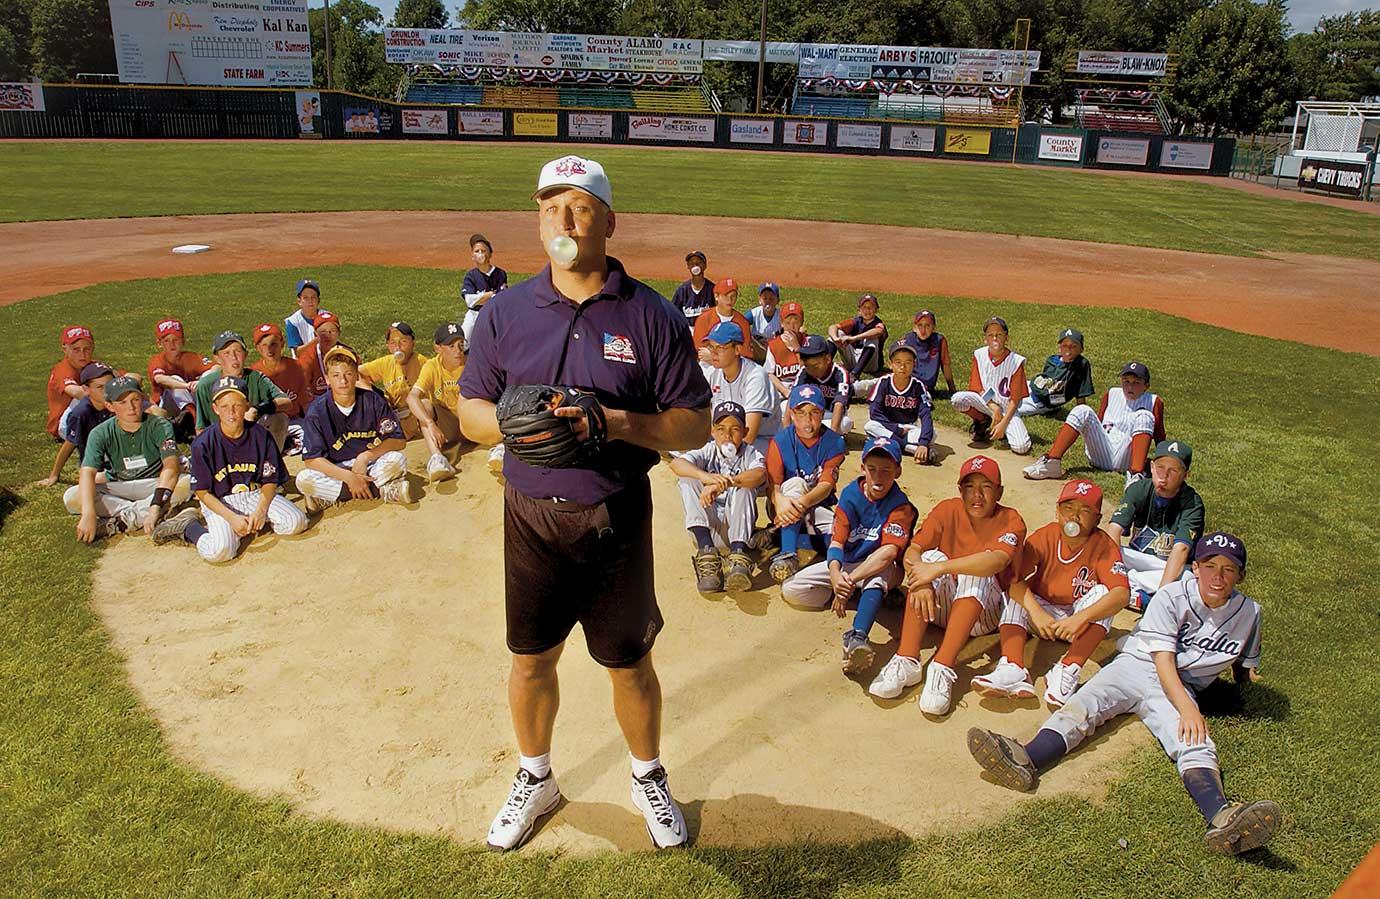 Aug. 16, 2002 (Cal Ripken World Series)